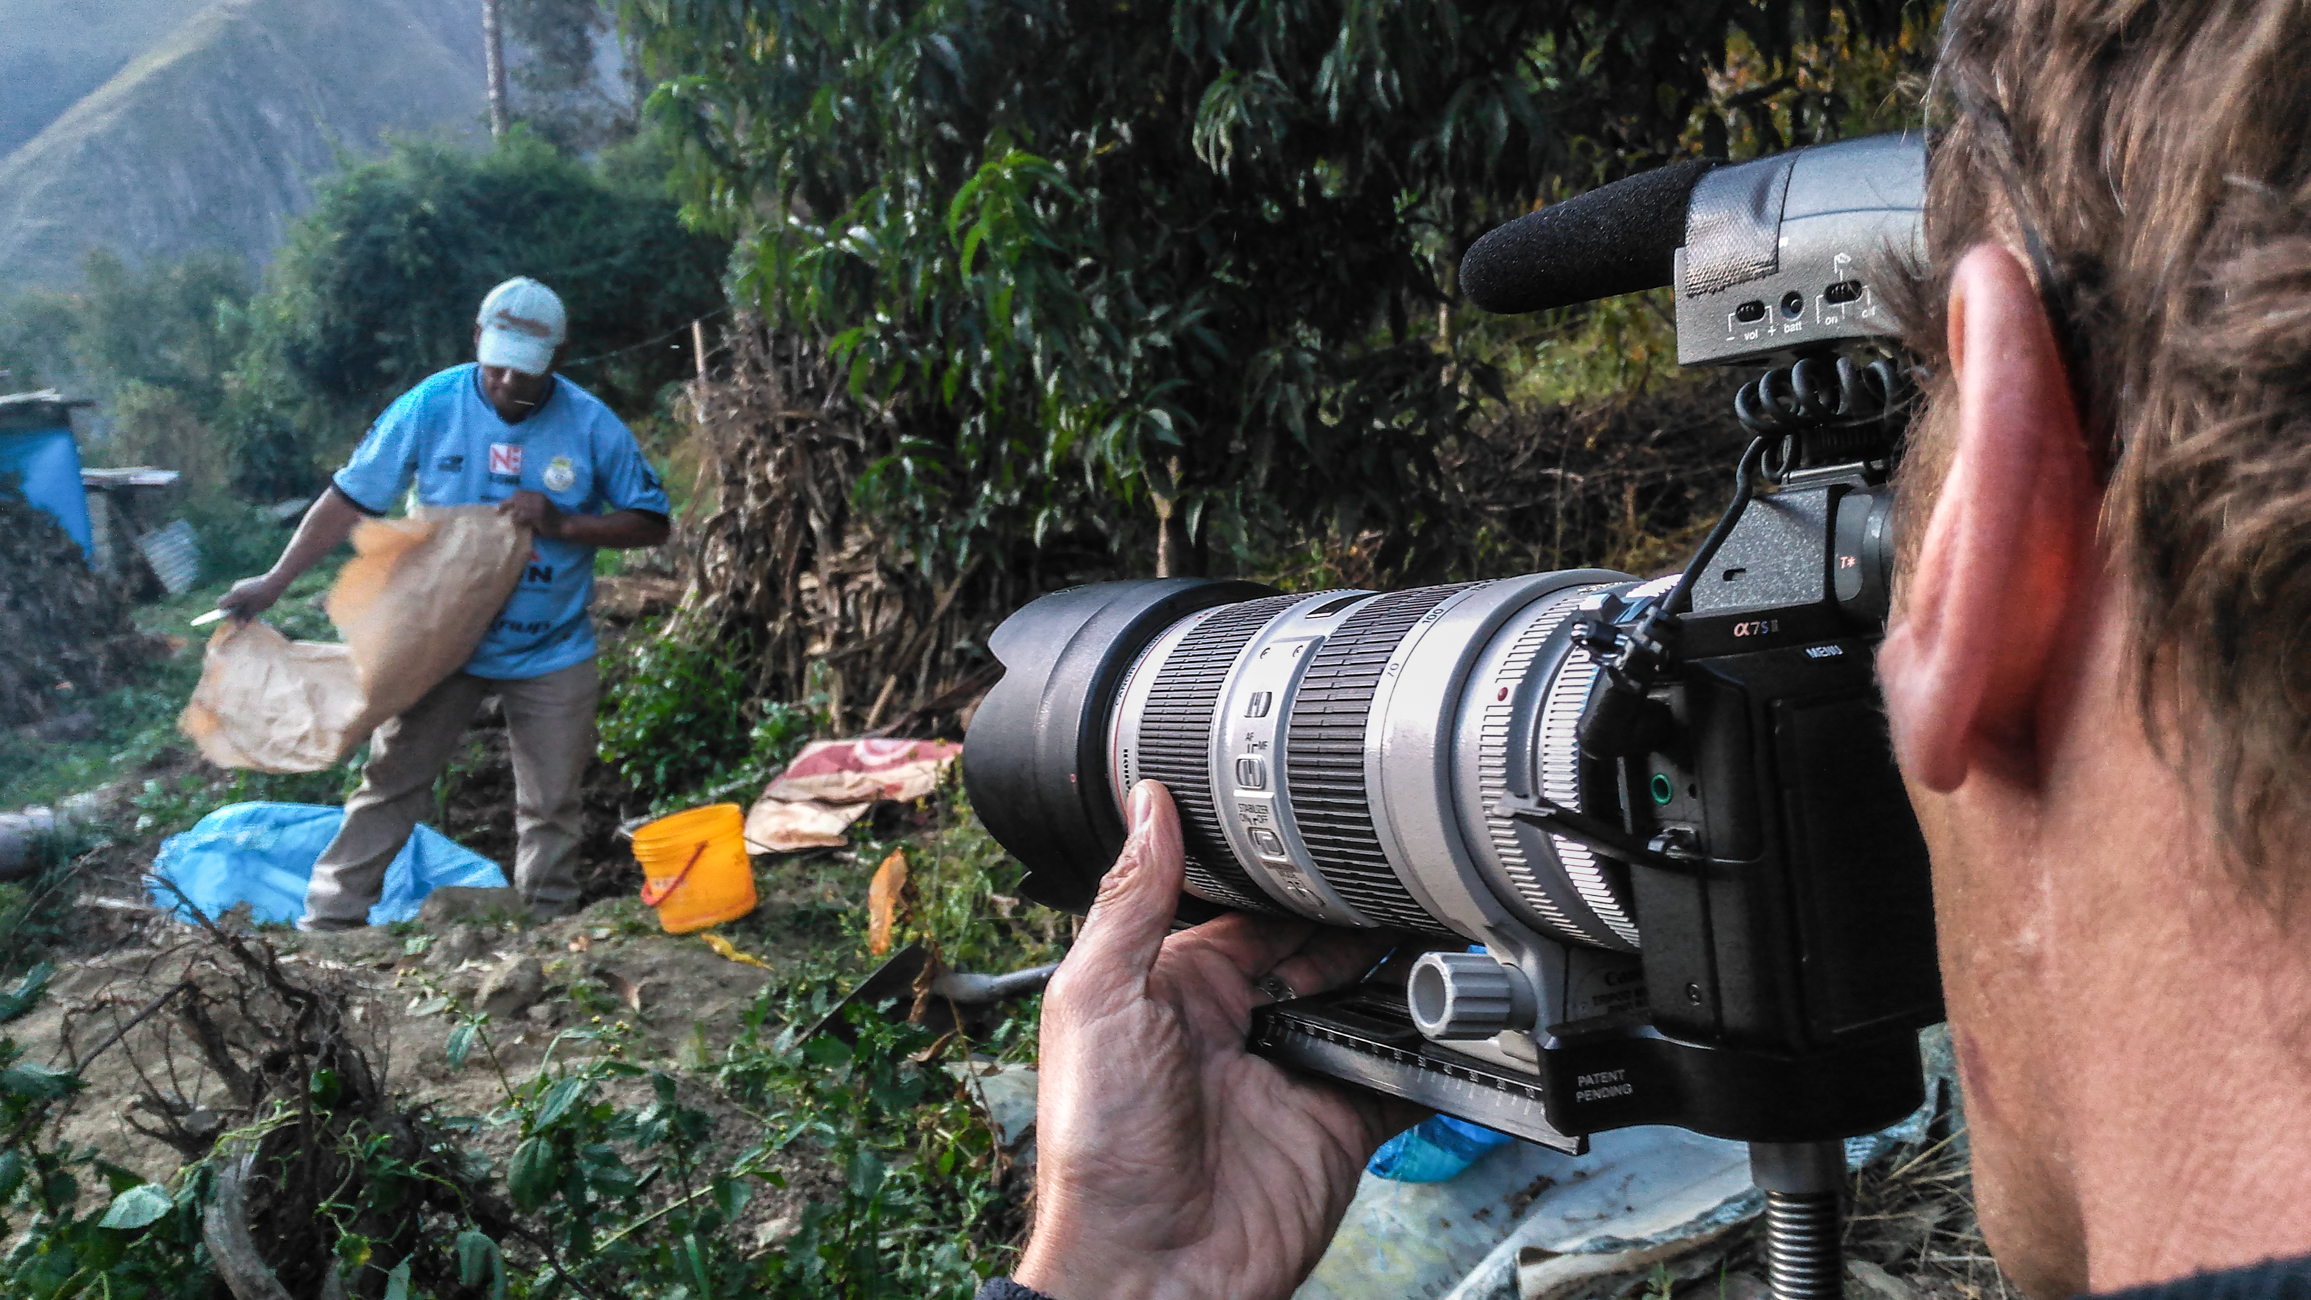 Tournage en Amazonie